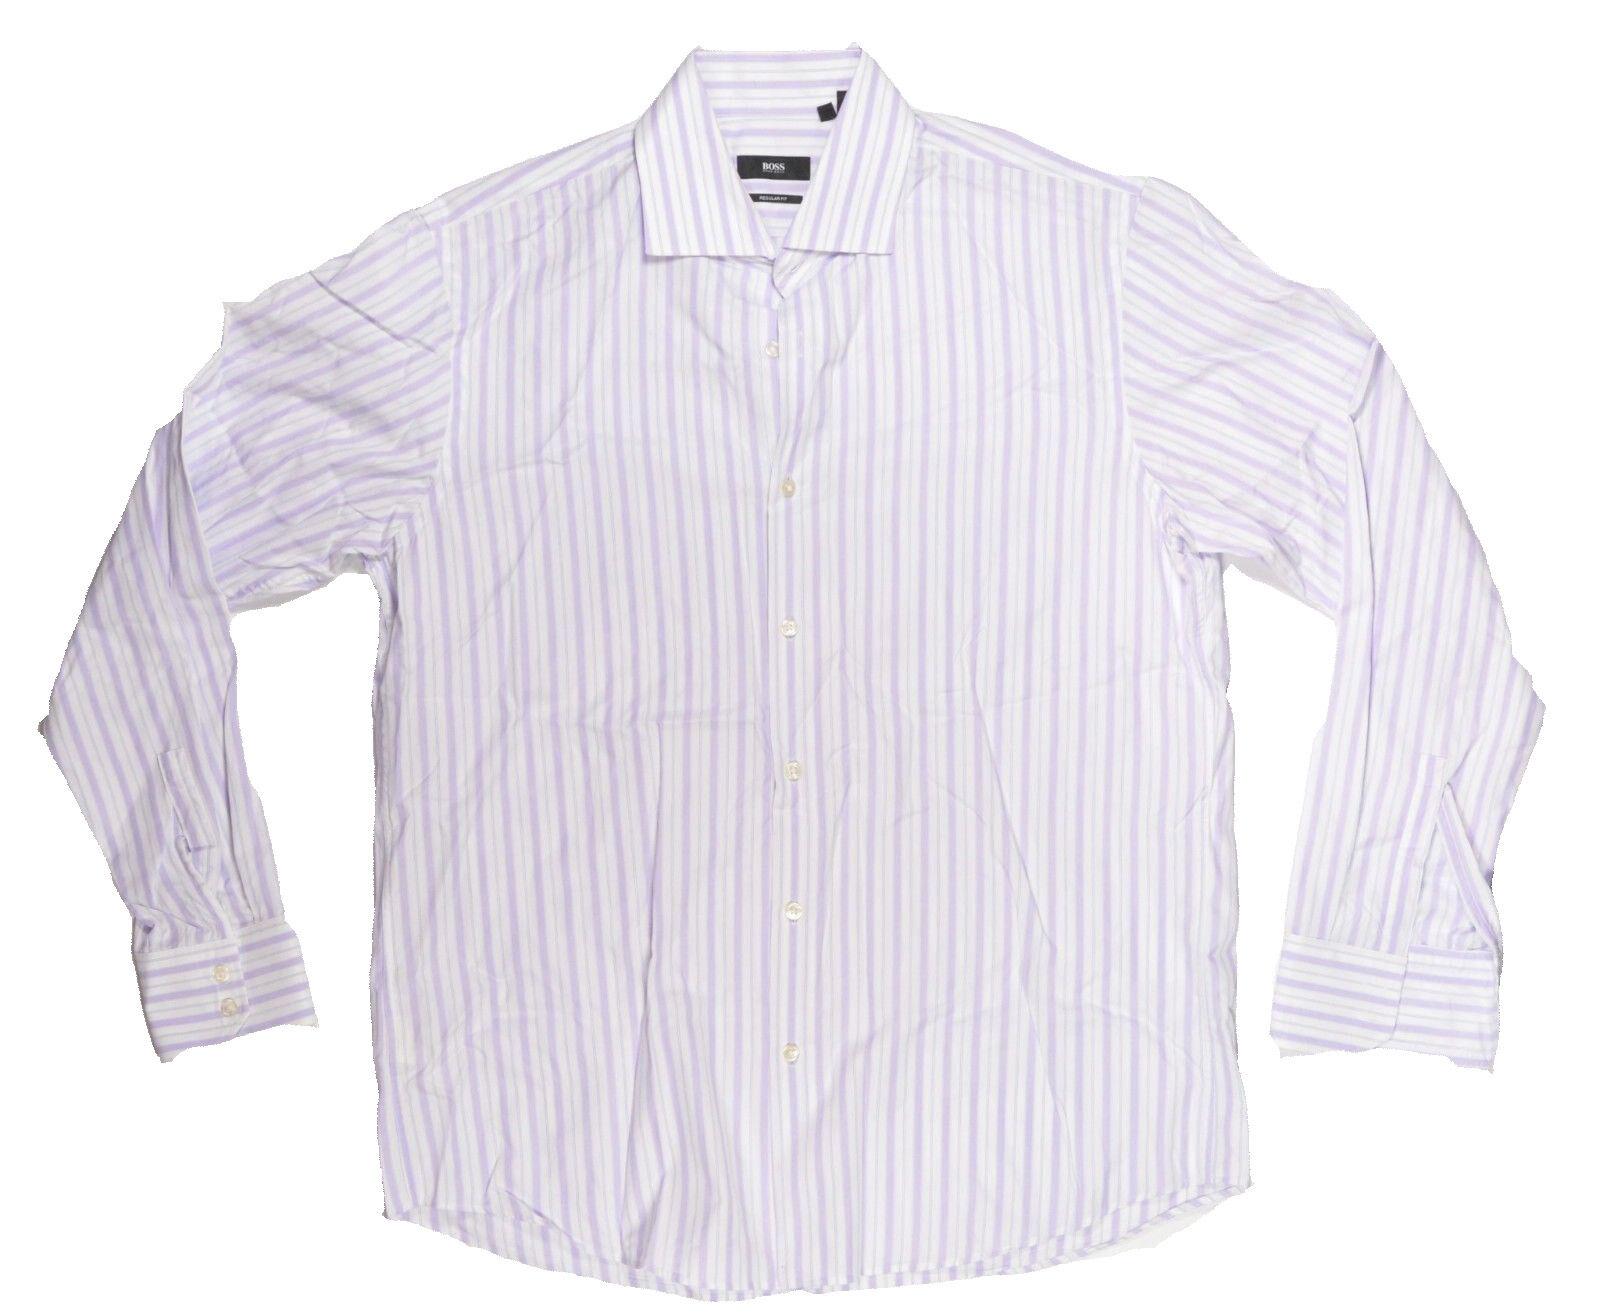 Hugo Boss GERALD  Herren Dress Shirt Regular fit 16.5 Weiß/Lavender NEW